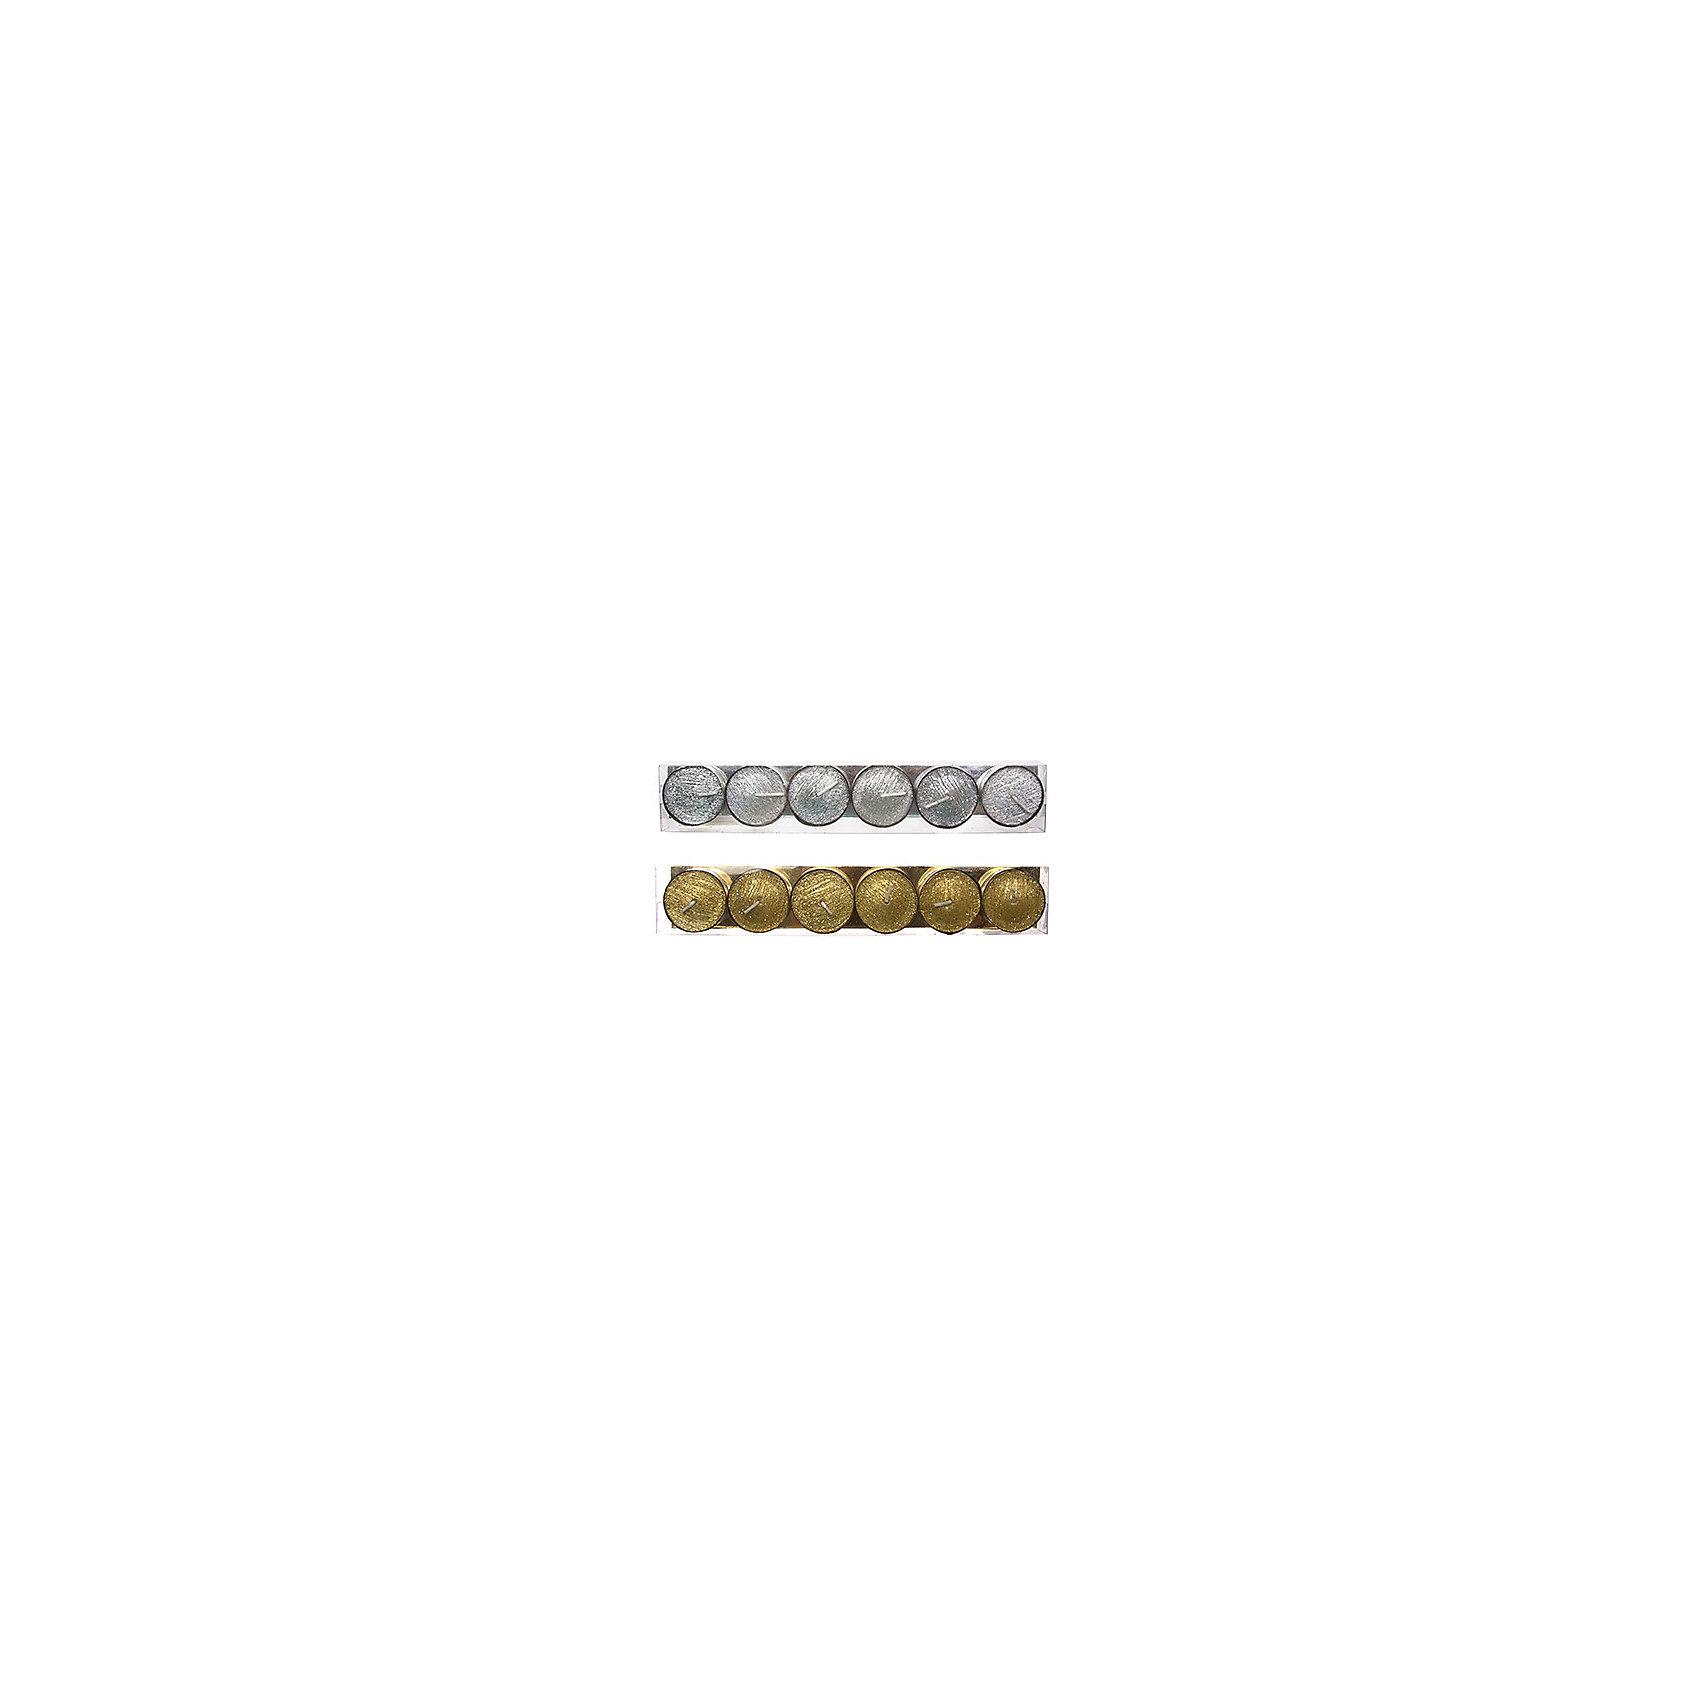 Набор свечей 6 шт Северное сияние в ассортиментеВсё для праздника<br>Изготовлено из парафина. Набор свечей 6шт.Северное сияние в ассортименте<br><br>Ширина мм: 23<br>Глубина мм: 2<br>Высота мм: 4<br>Вес г: 100<br>Возраст от месяцев: 36<br>Возраст до месяцев: 2147483647<br>Пол: Унисекс<br>Возраст: Детский<br>SKU: 5101048